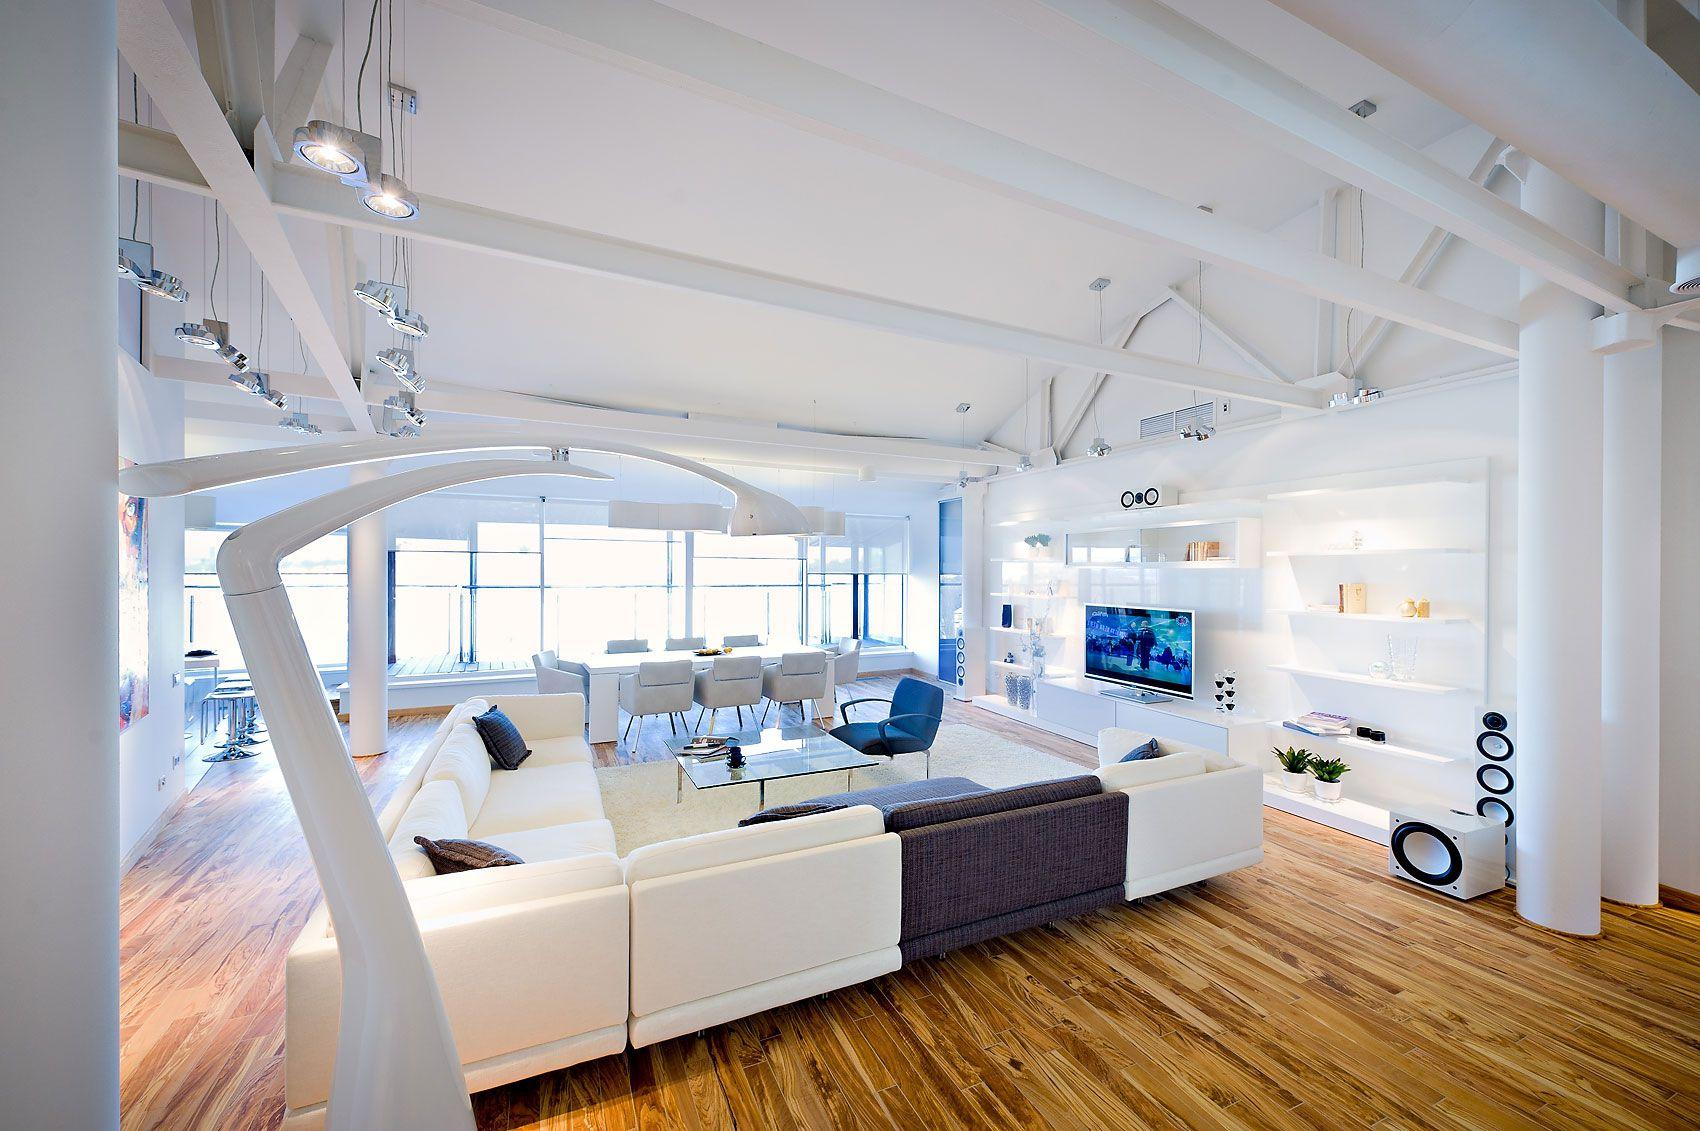 Studio Apartment Loft loft apartment in chisinaugrosu art studio - caandesign